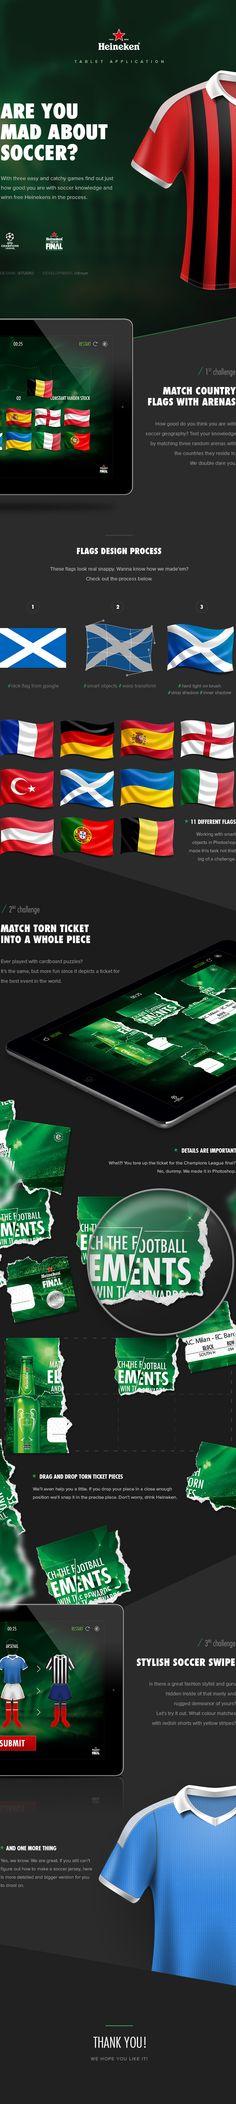 Heineken - Match app on Behance